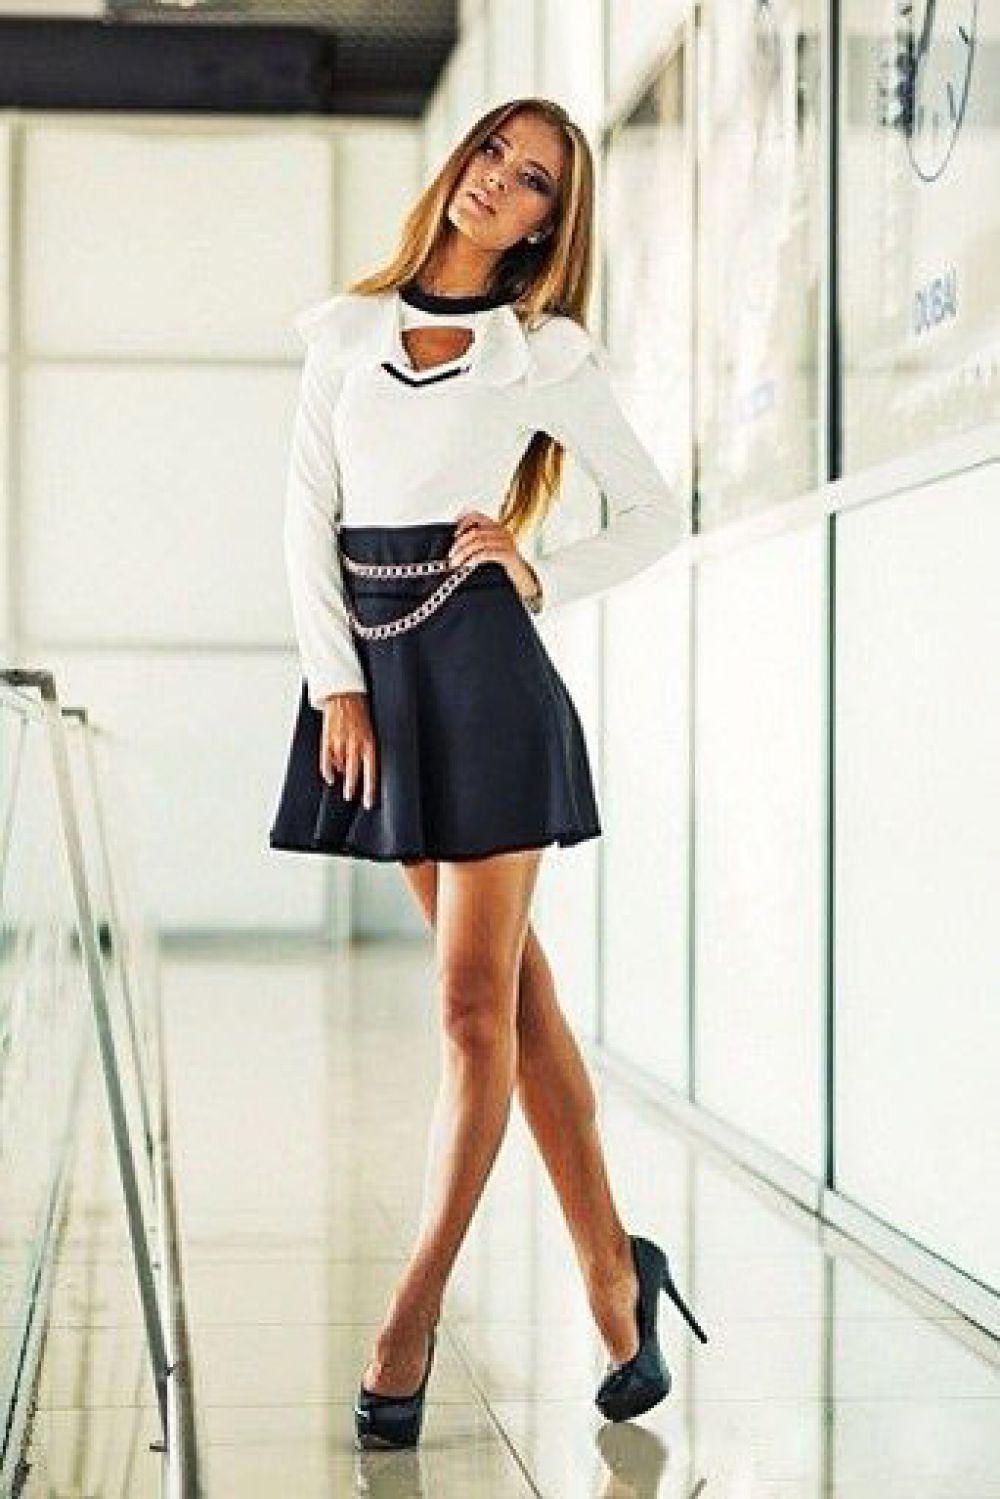 Диане Гаркуше нравятся изысканные платья за возможность почувствовать себя принцессой